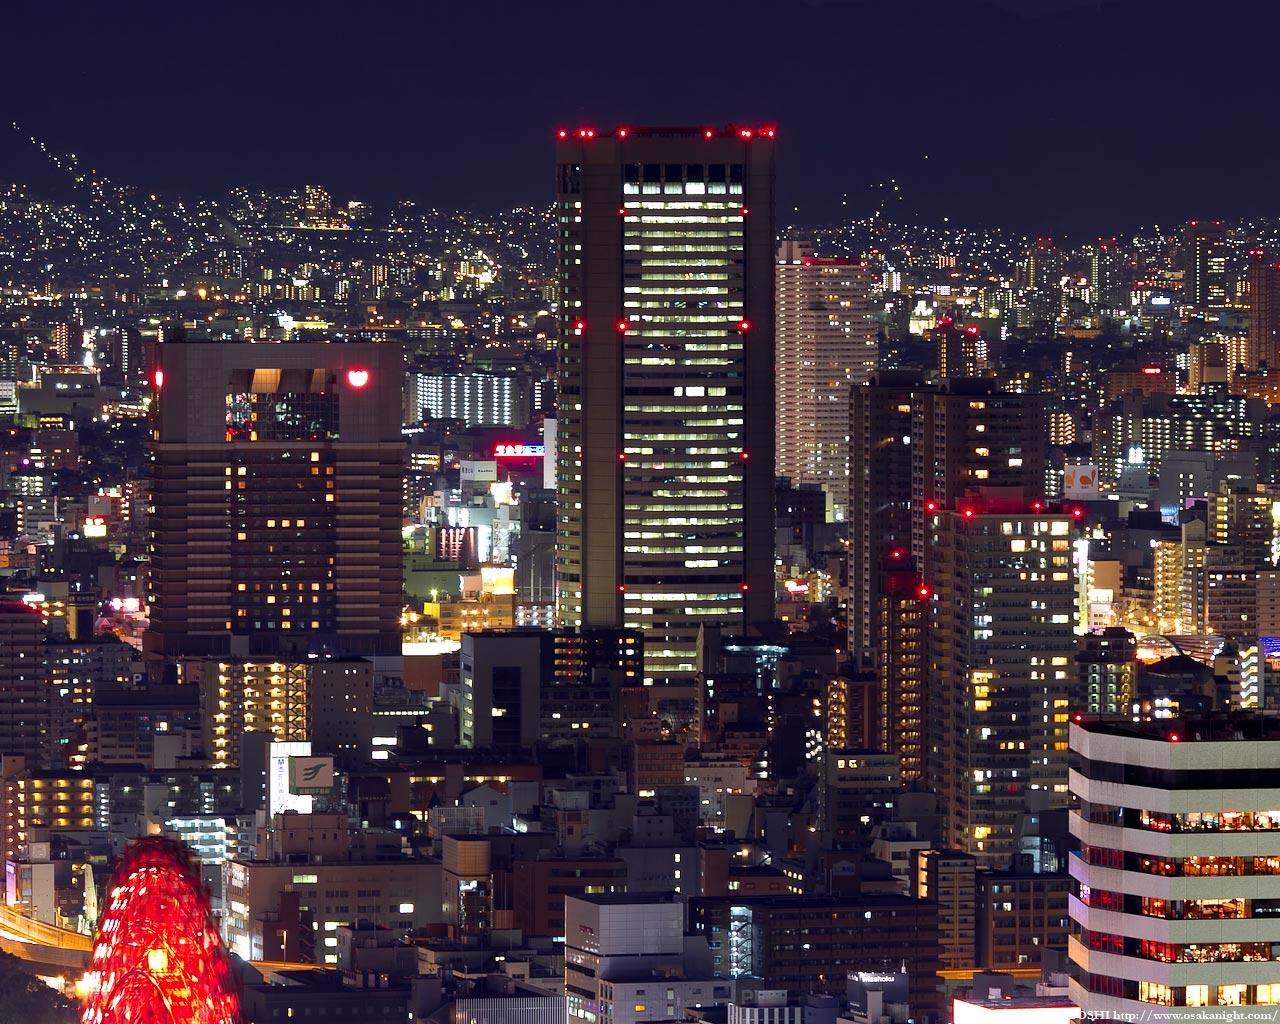 OAP大阪アメニティパークの夜景